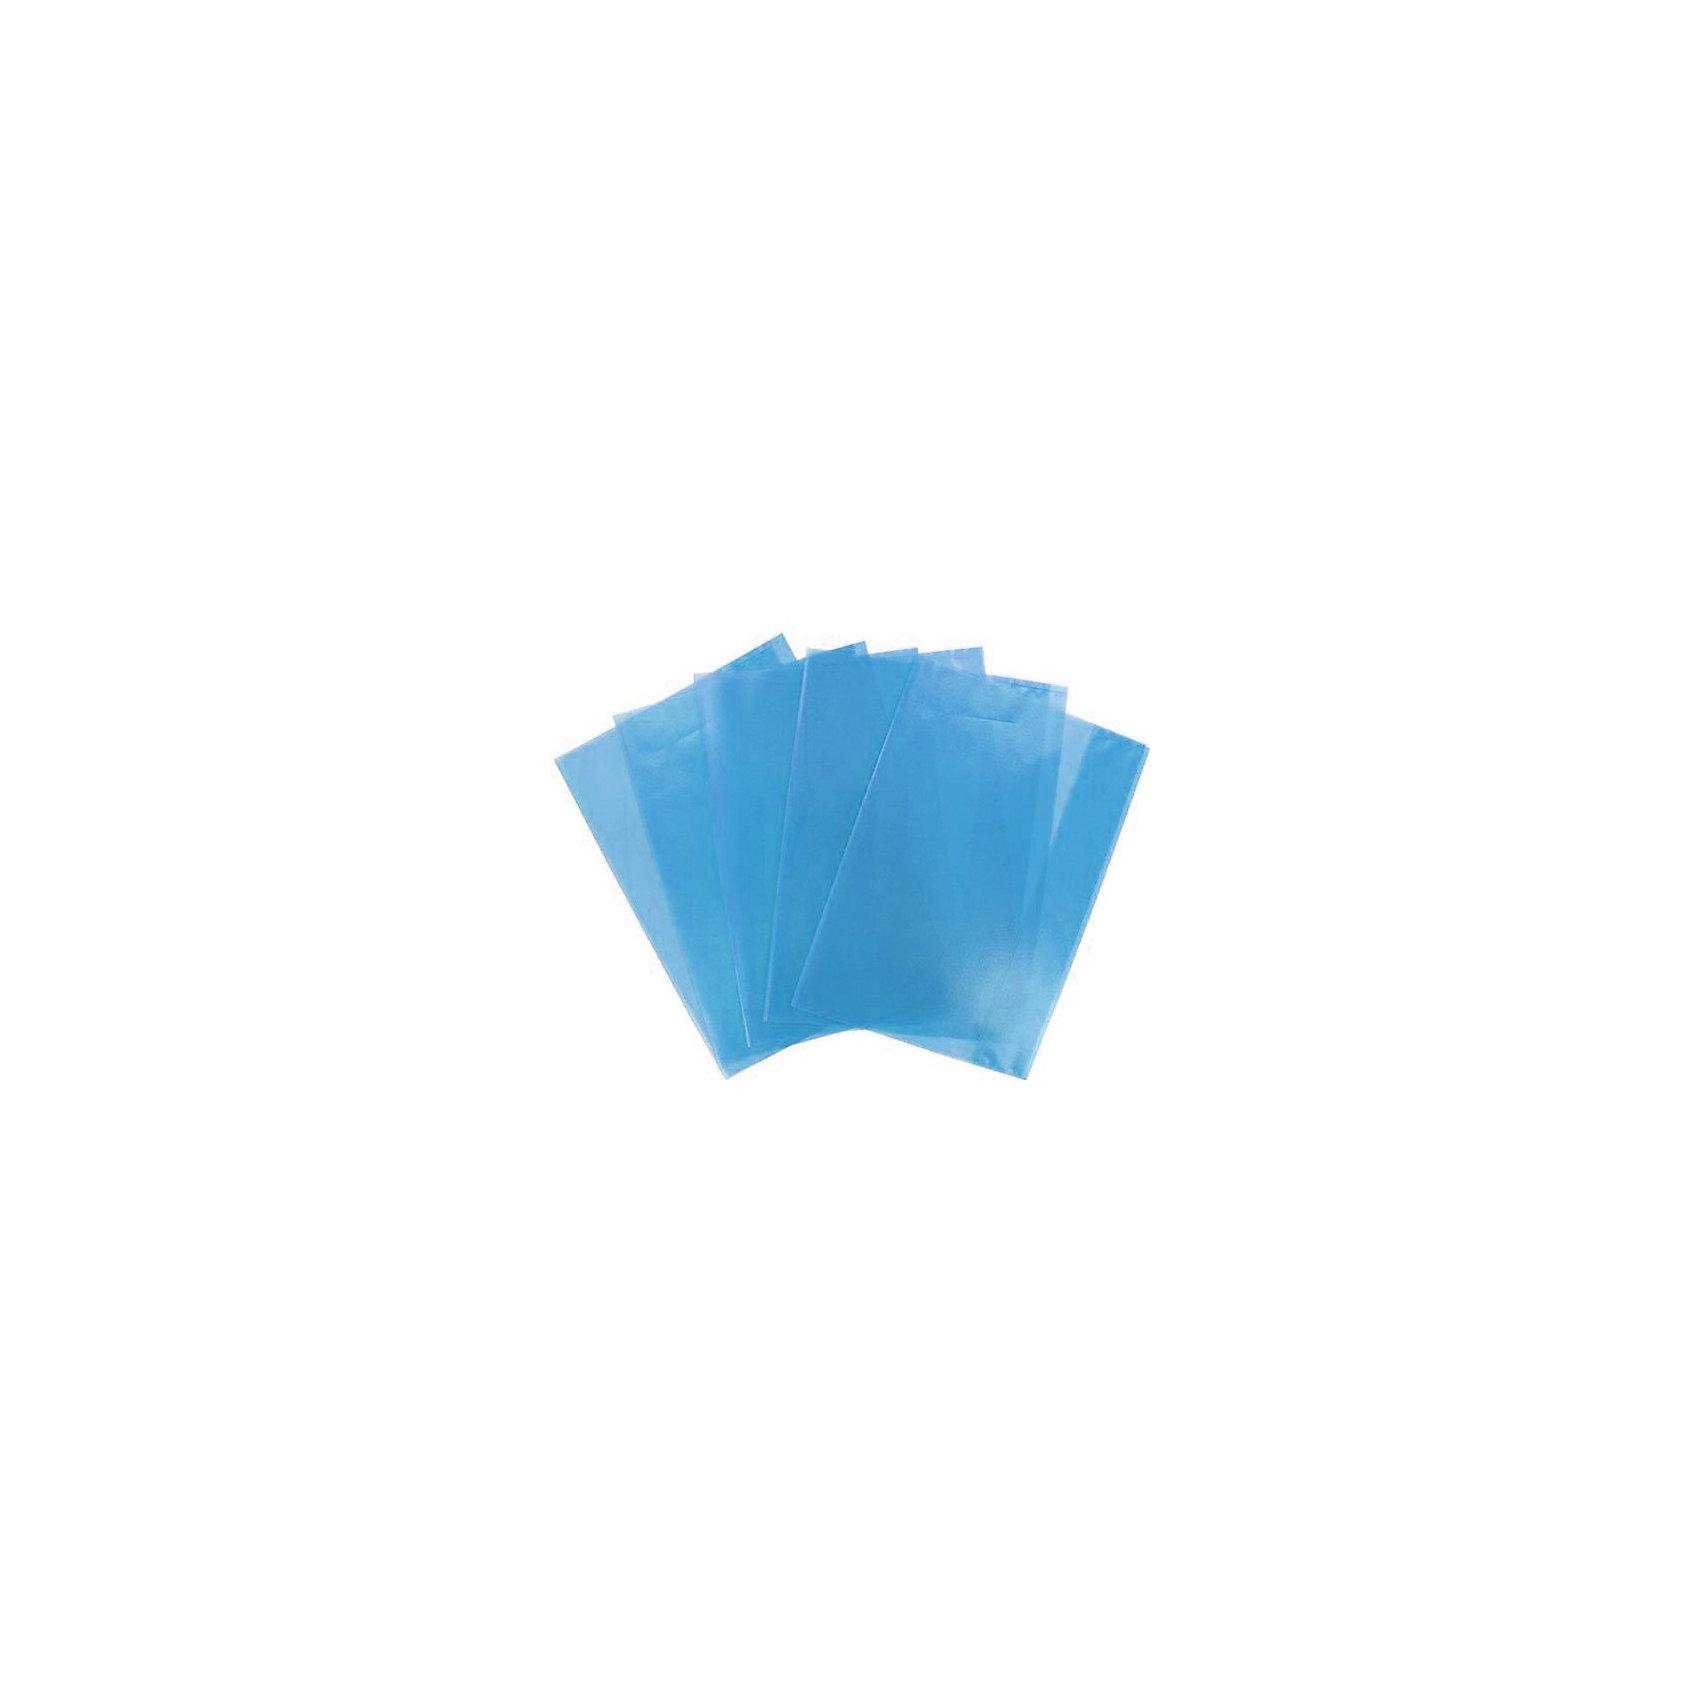 Panta Plast Набор обложек для тетрадей ф.А5, 5 шт.Школьные аксессуары<br>Характеристики товара:<br><br>• в комплекте: 5 обложек;<br>• формат: А5;<br>• поверхность: «апельсиновая корка»;<br>• размер обложки:21х34,8 см;<br>• материал: полипропилен;<br>• возраст: от 6 лет;<br>• цвет: голубой;<br>• размер упаковки: 21х34,8 см;<br>• вес: 58 грамм. <br><br>Обложки Panta Plast сохранят тетради опрятными в течение учебного года. Они защитят от загрязнений, намокания и преждевременного изнашивания. Обложки изготовлены из прочного полипропилена голубого цвета. Поверхность по типу «апельсиновая корка» всегда будет радовать глаз.<br><br>Panta Plast (Панта Пласт) Набор обложек для тетрадей ф.А5, 5 шт. можно купить в нашем интернет-магазине.<br><br>Ширина мм: 348<br>Глубина мм: 210<br>Высота мм: 9999<br>Вес г: 58<br>Возраст от месяцев: 84<br>Возраст до месяцев: 156<br>Пол: Унисекс<br>Возраст: Детский<br>SKU: 6858974